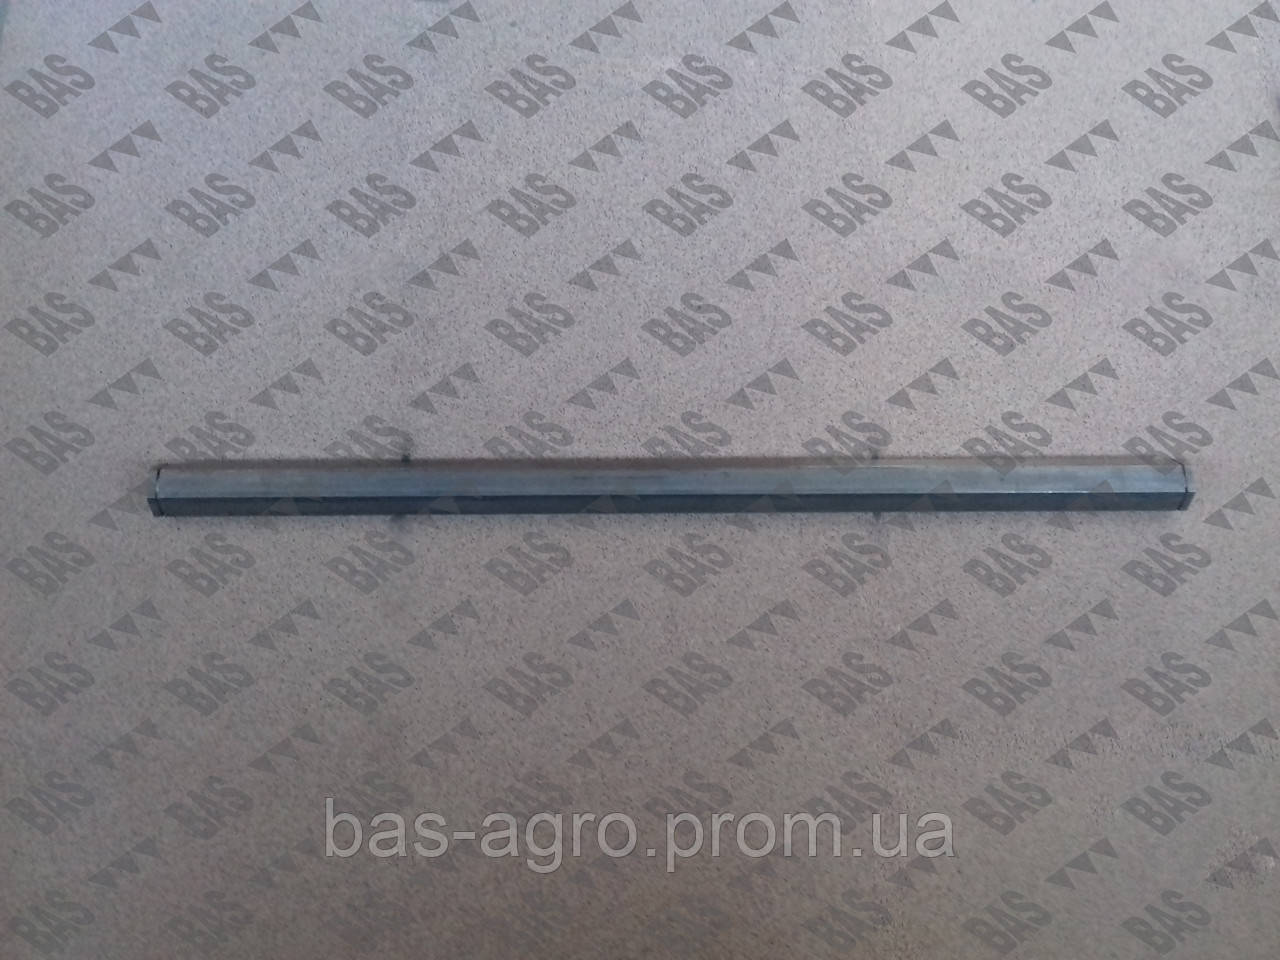 Вал L-640 Capello 01.1020.00 аналог